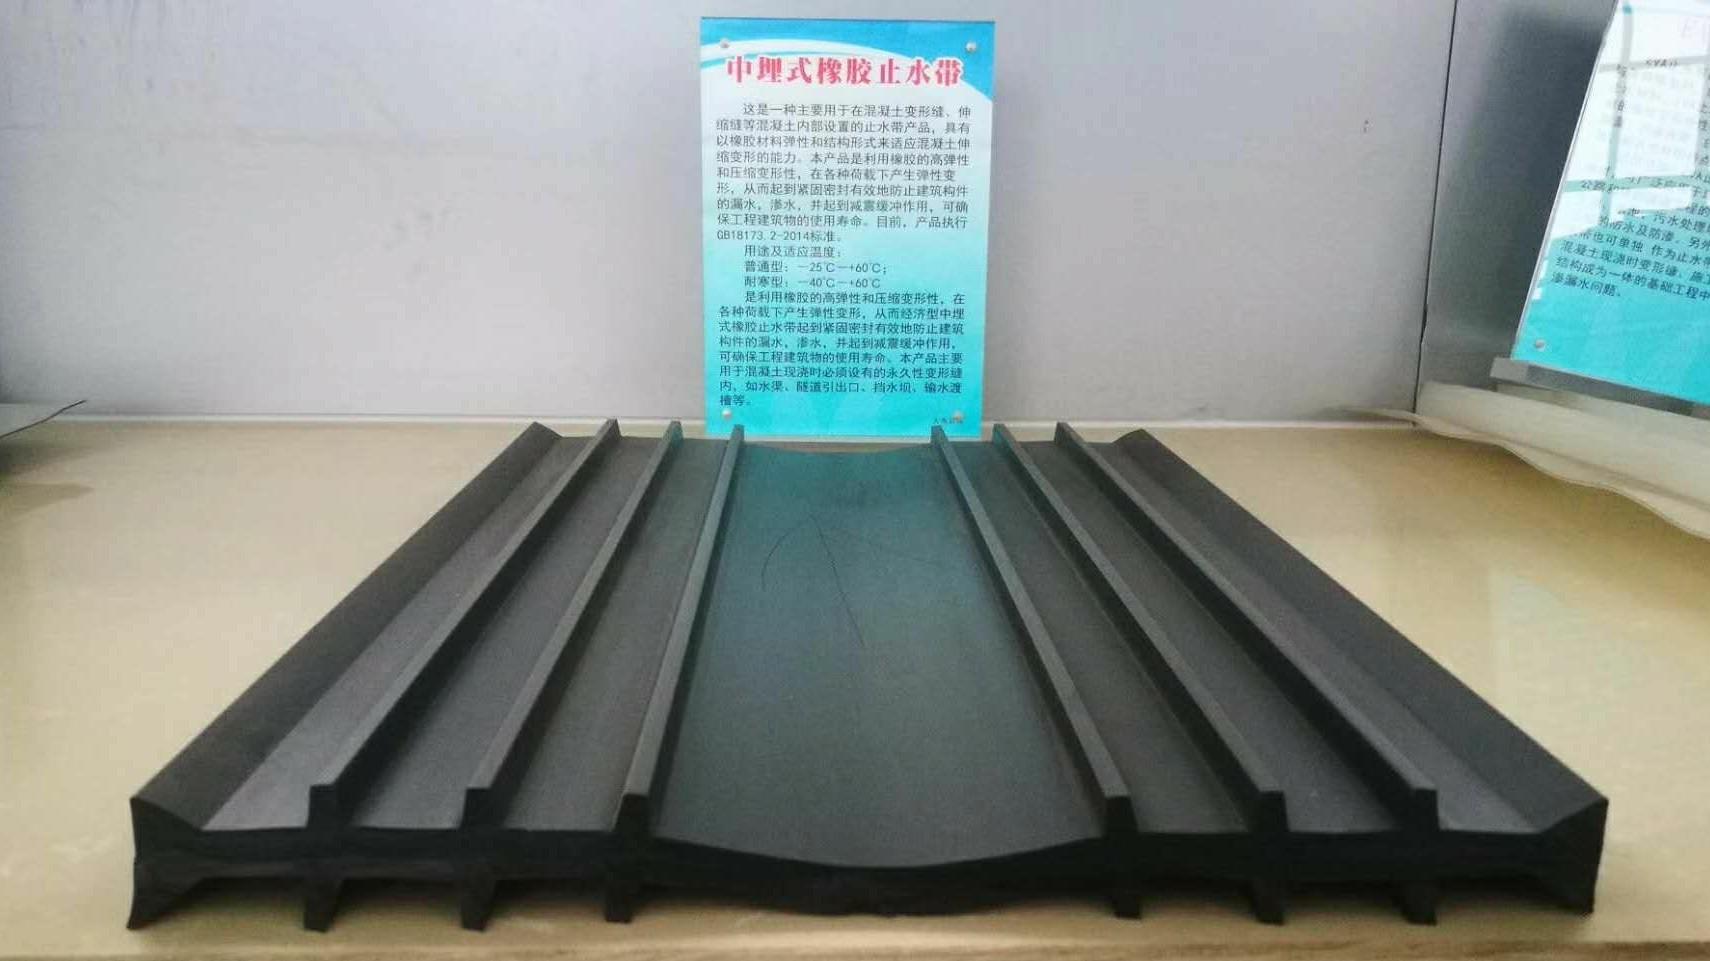 衡水优良的中埋式橡胶止水带300|8-30_批发中埋式橡胶止水带300|8-30